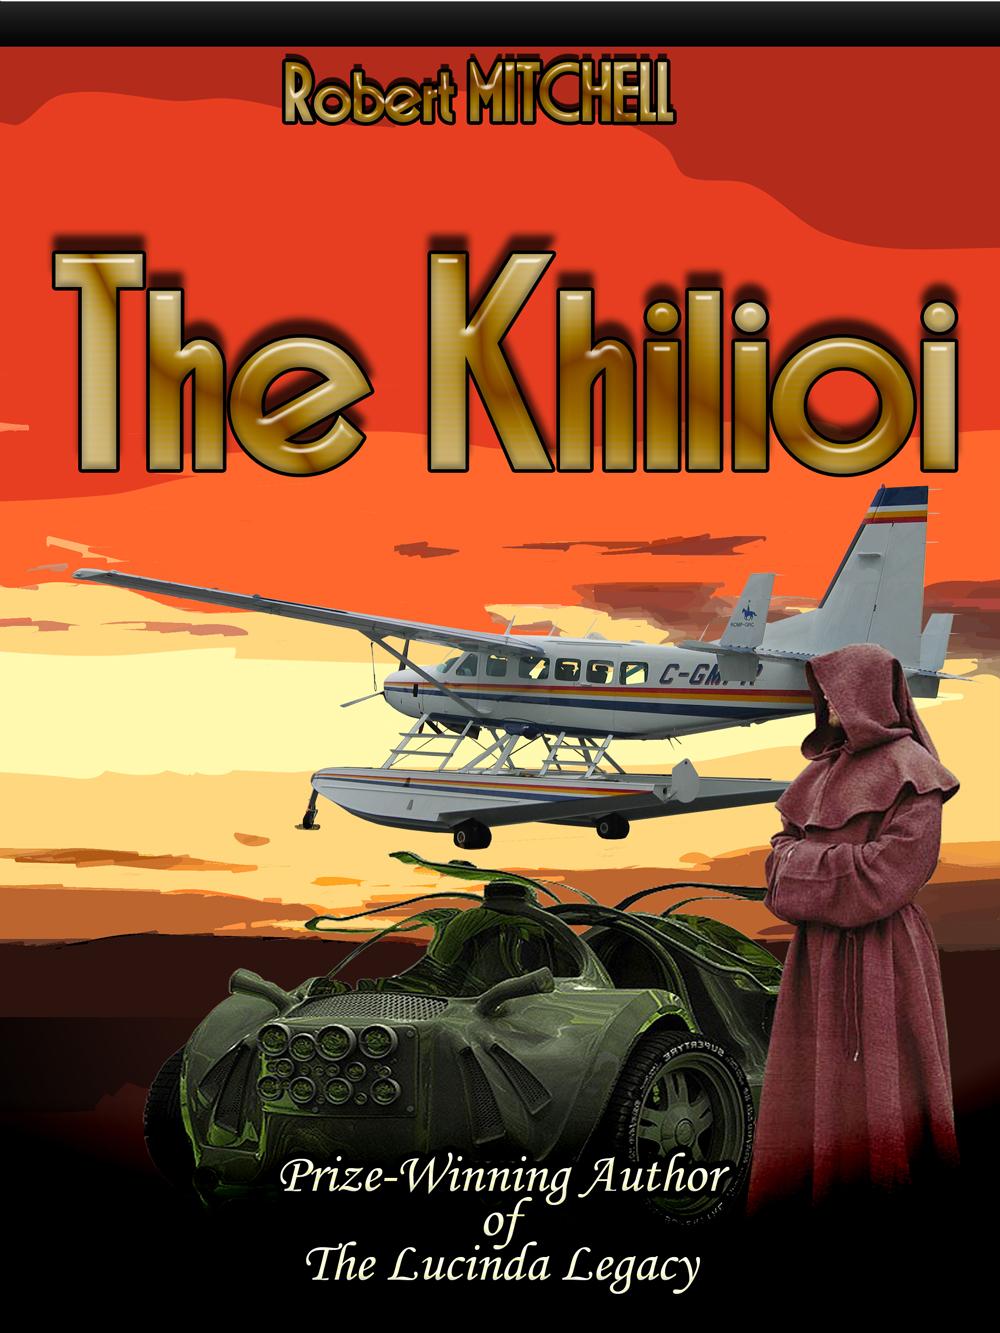 Book Cover Design Australia : Book cover design contests the khilioi